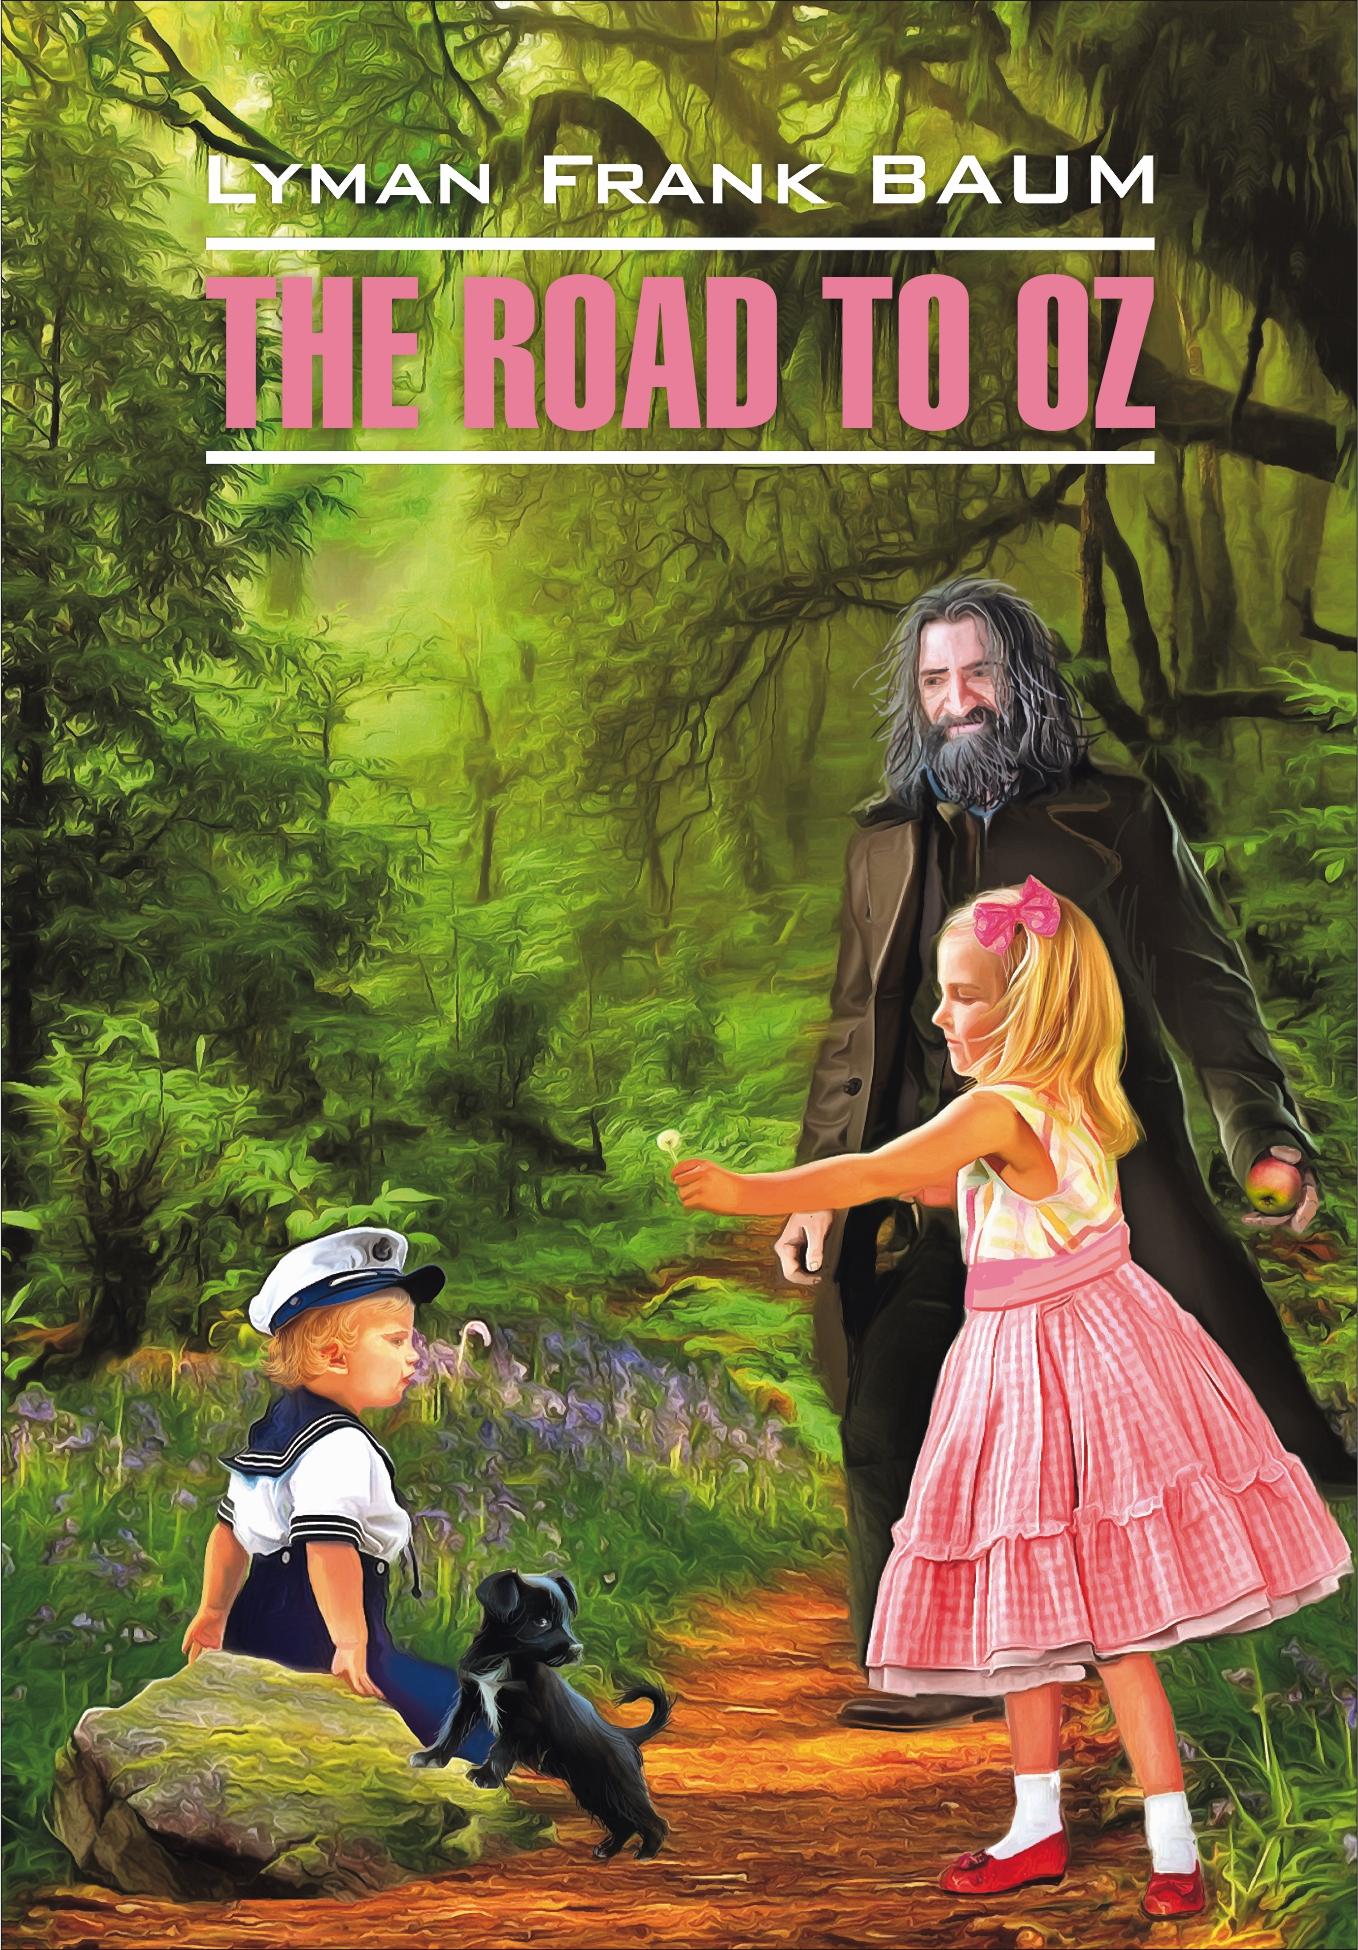 Лаймен Фрэнк Баум The Road to Oz / Путешествие в Страну Оз. Книга для чтения на английском языке баум ф волшебник страны оз любимое чтение на английском языке